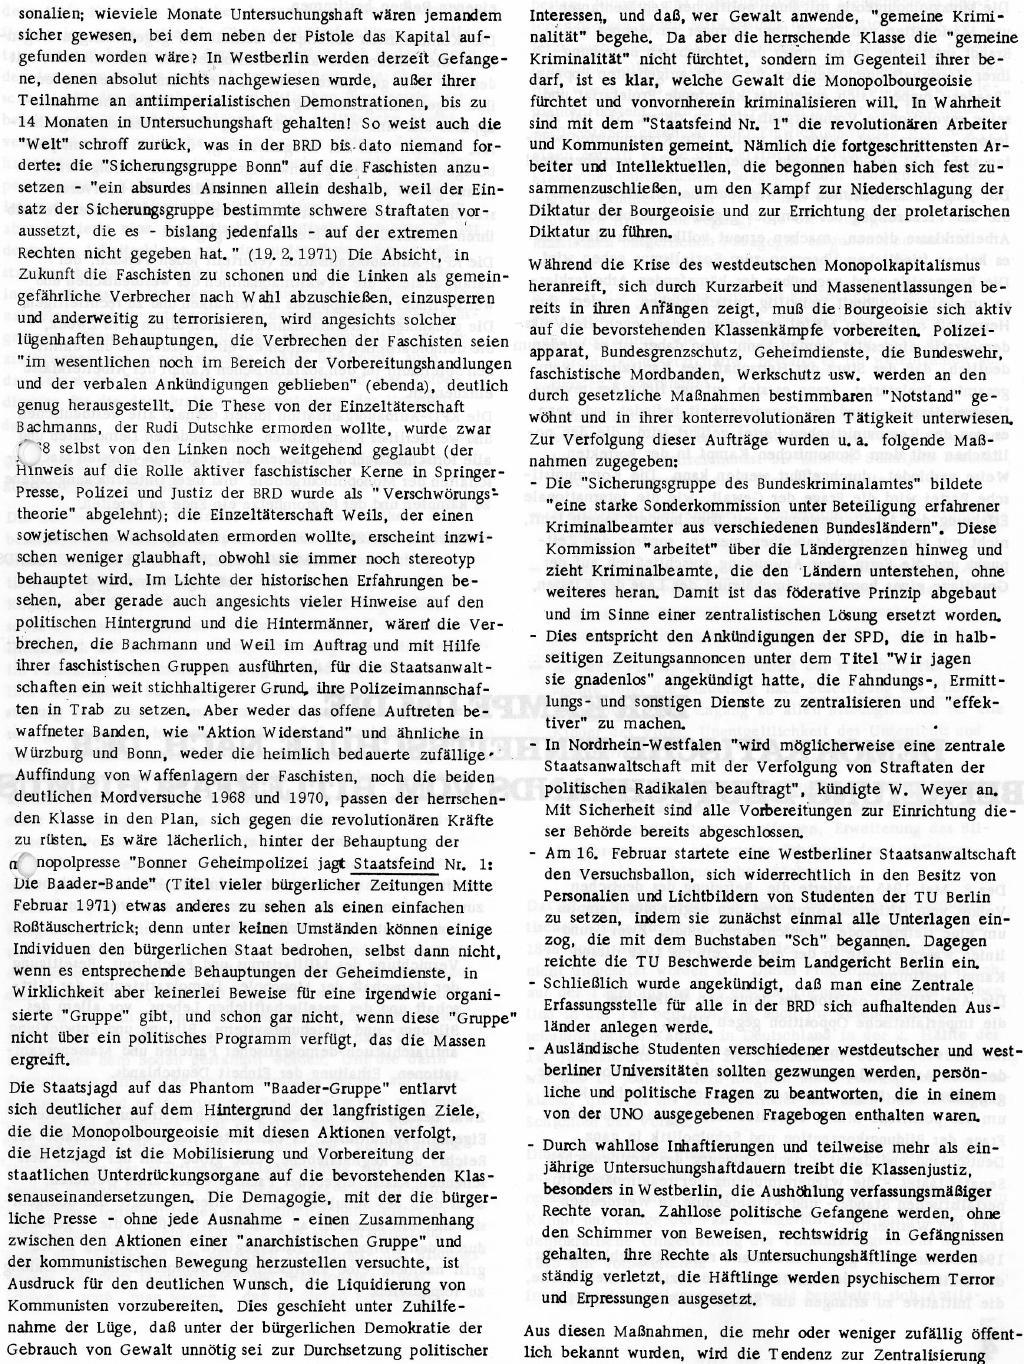 RPK_1971_104_03